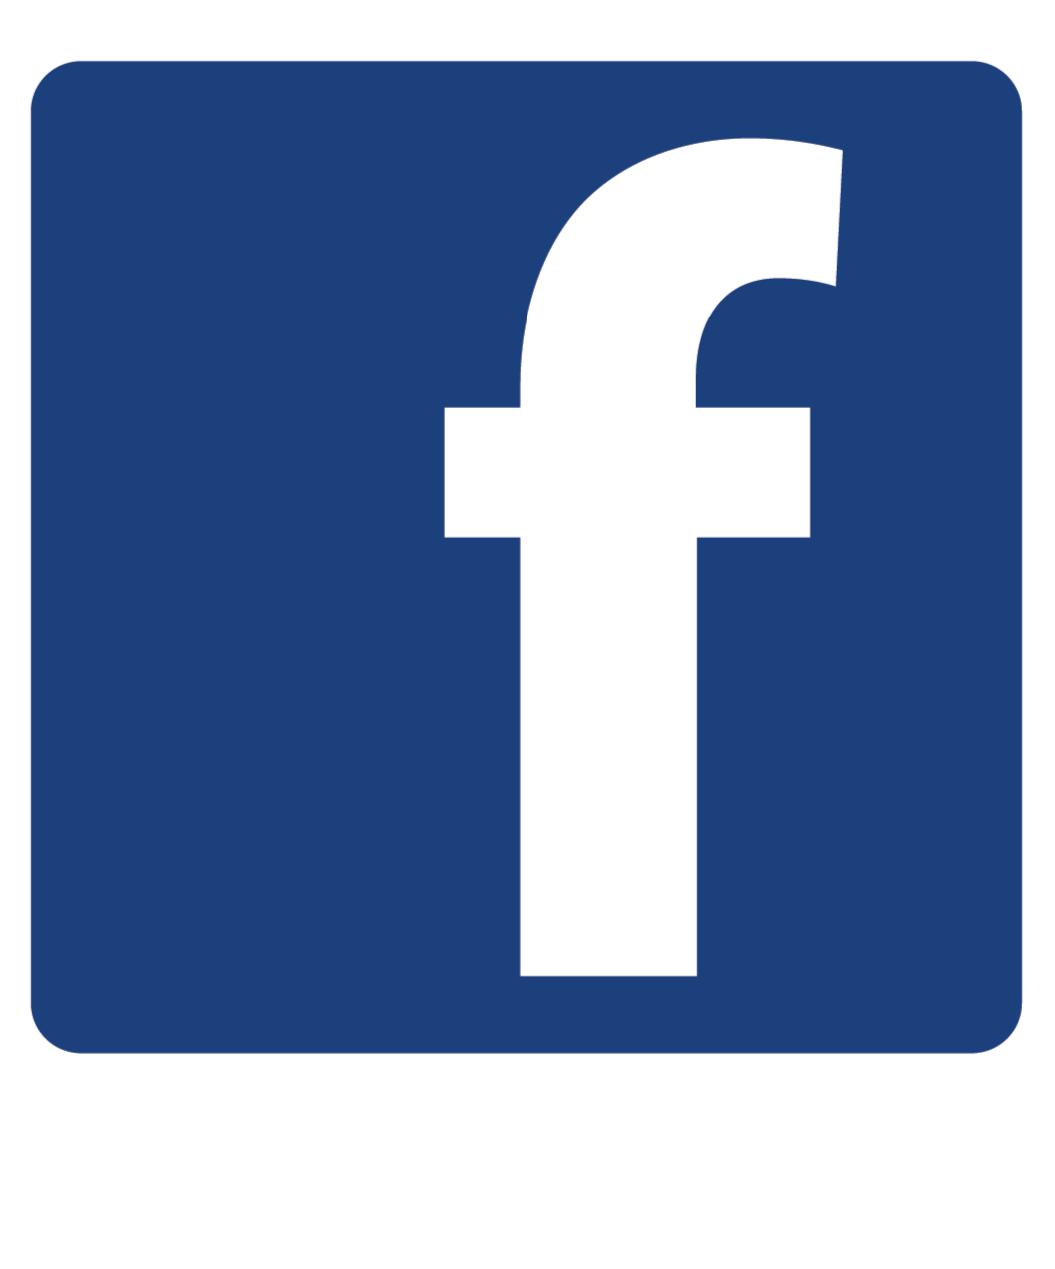 Hati-hati berkomentar di halaman Facebook. Jangan sampai Anda terkena ...